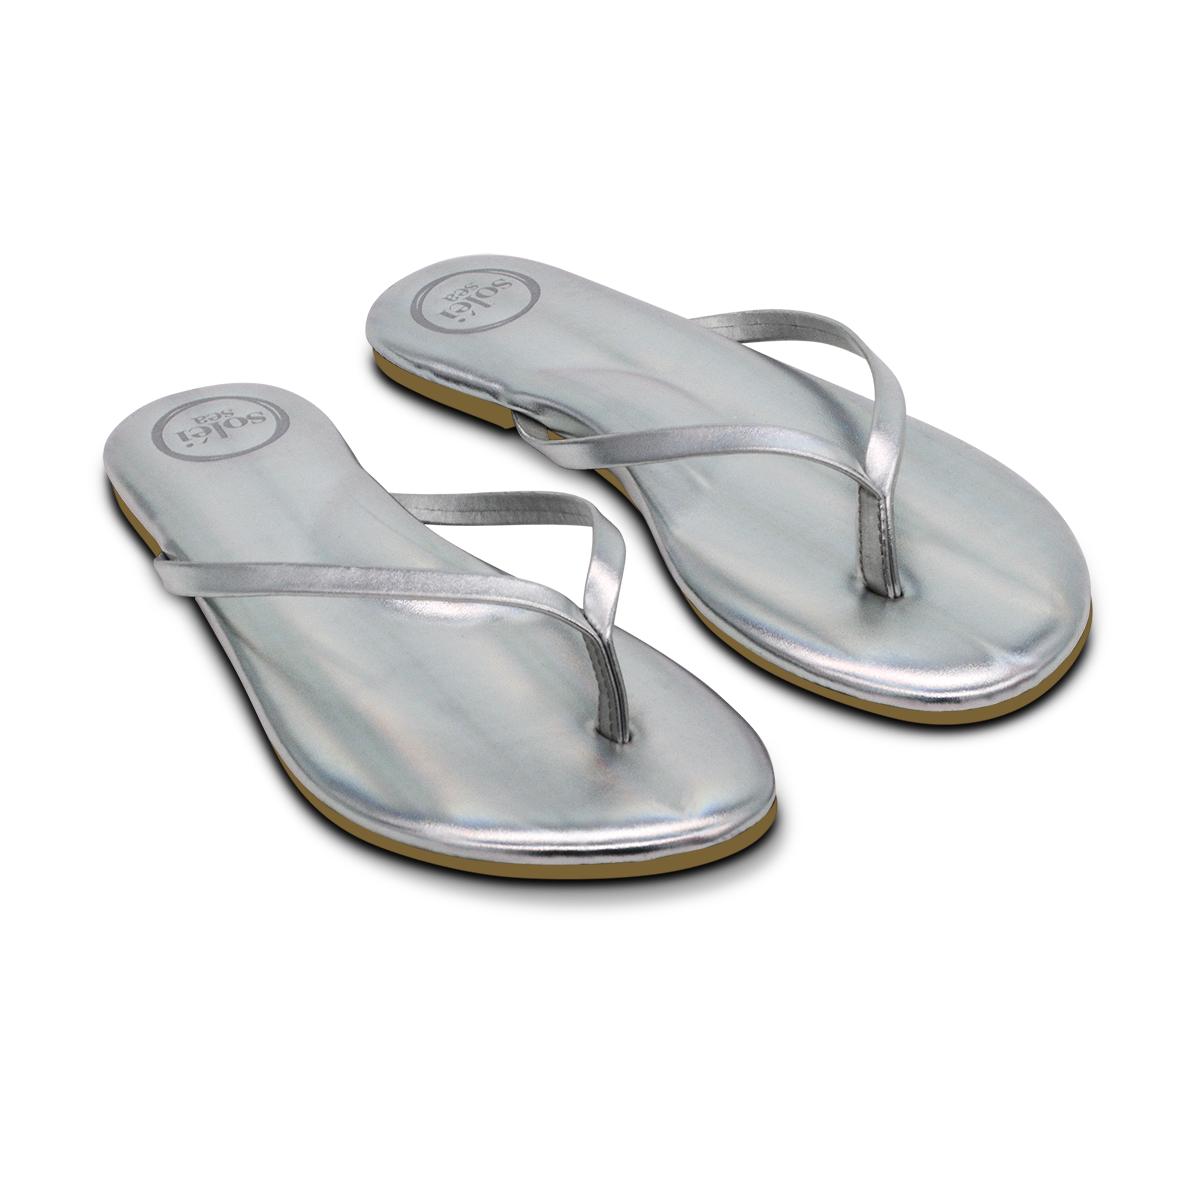 sandalsSilver-34_1200x